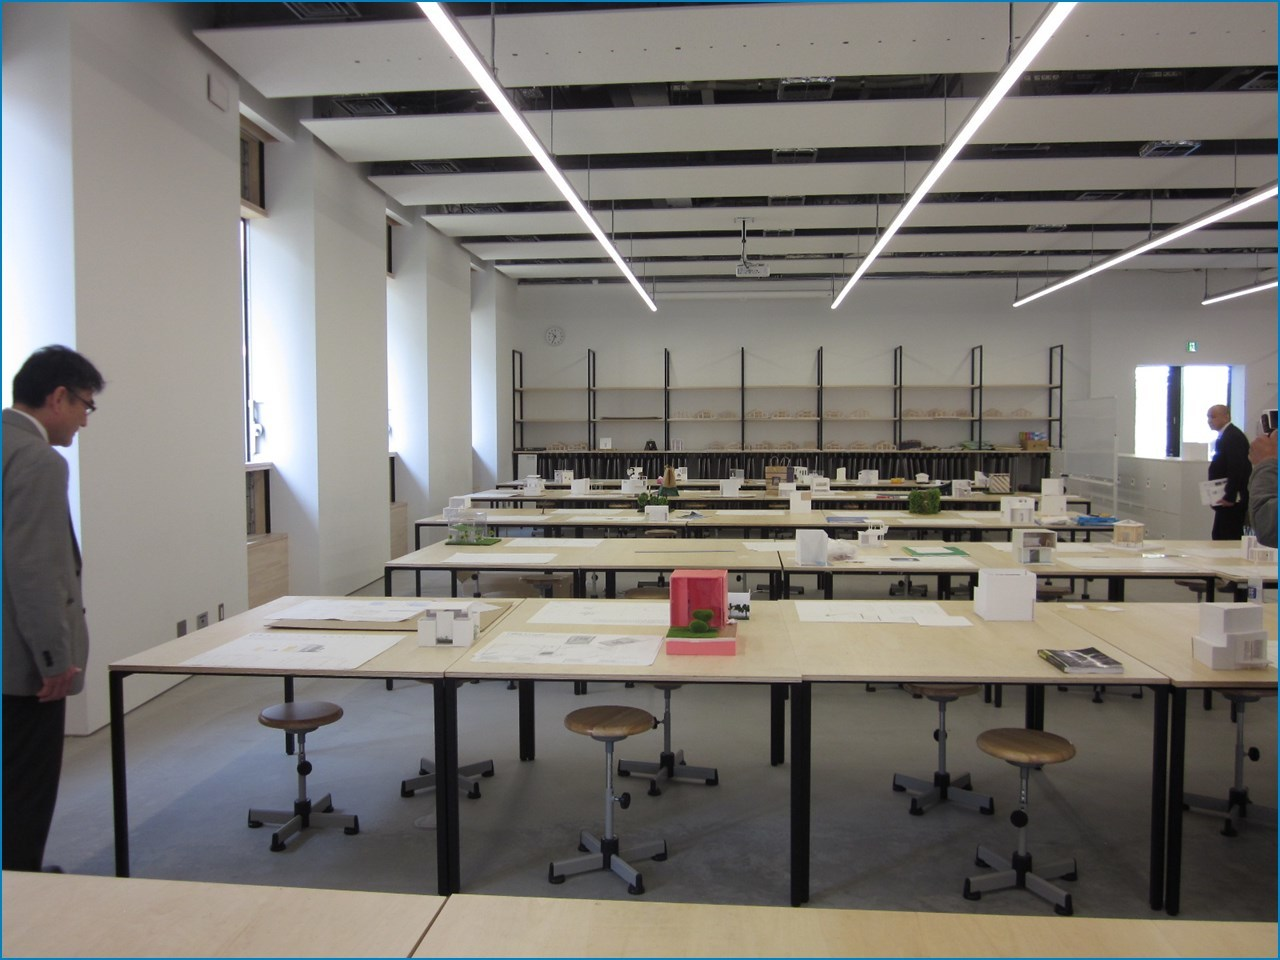 静岡理工科大学 理工学部 建築学科棟の見学 1_c0376508_15420222.jpg